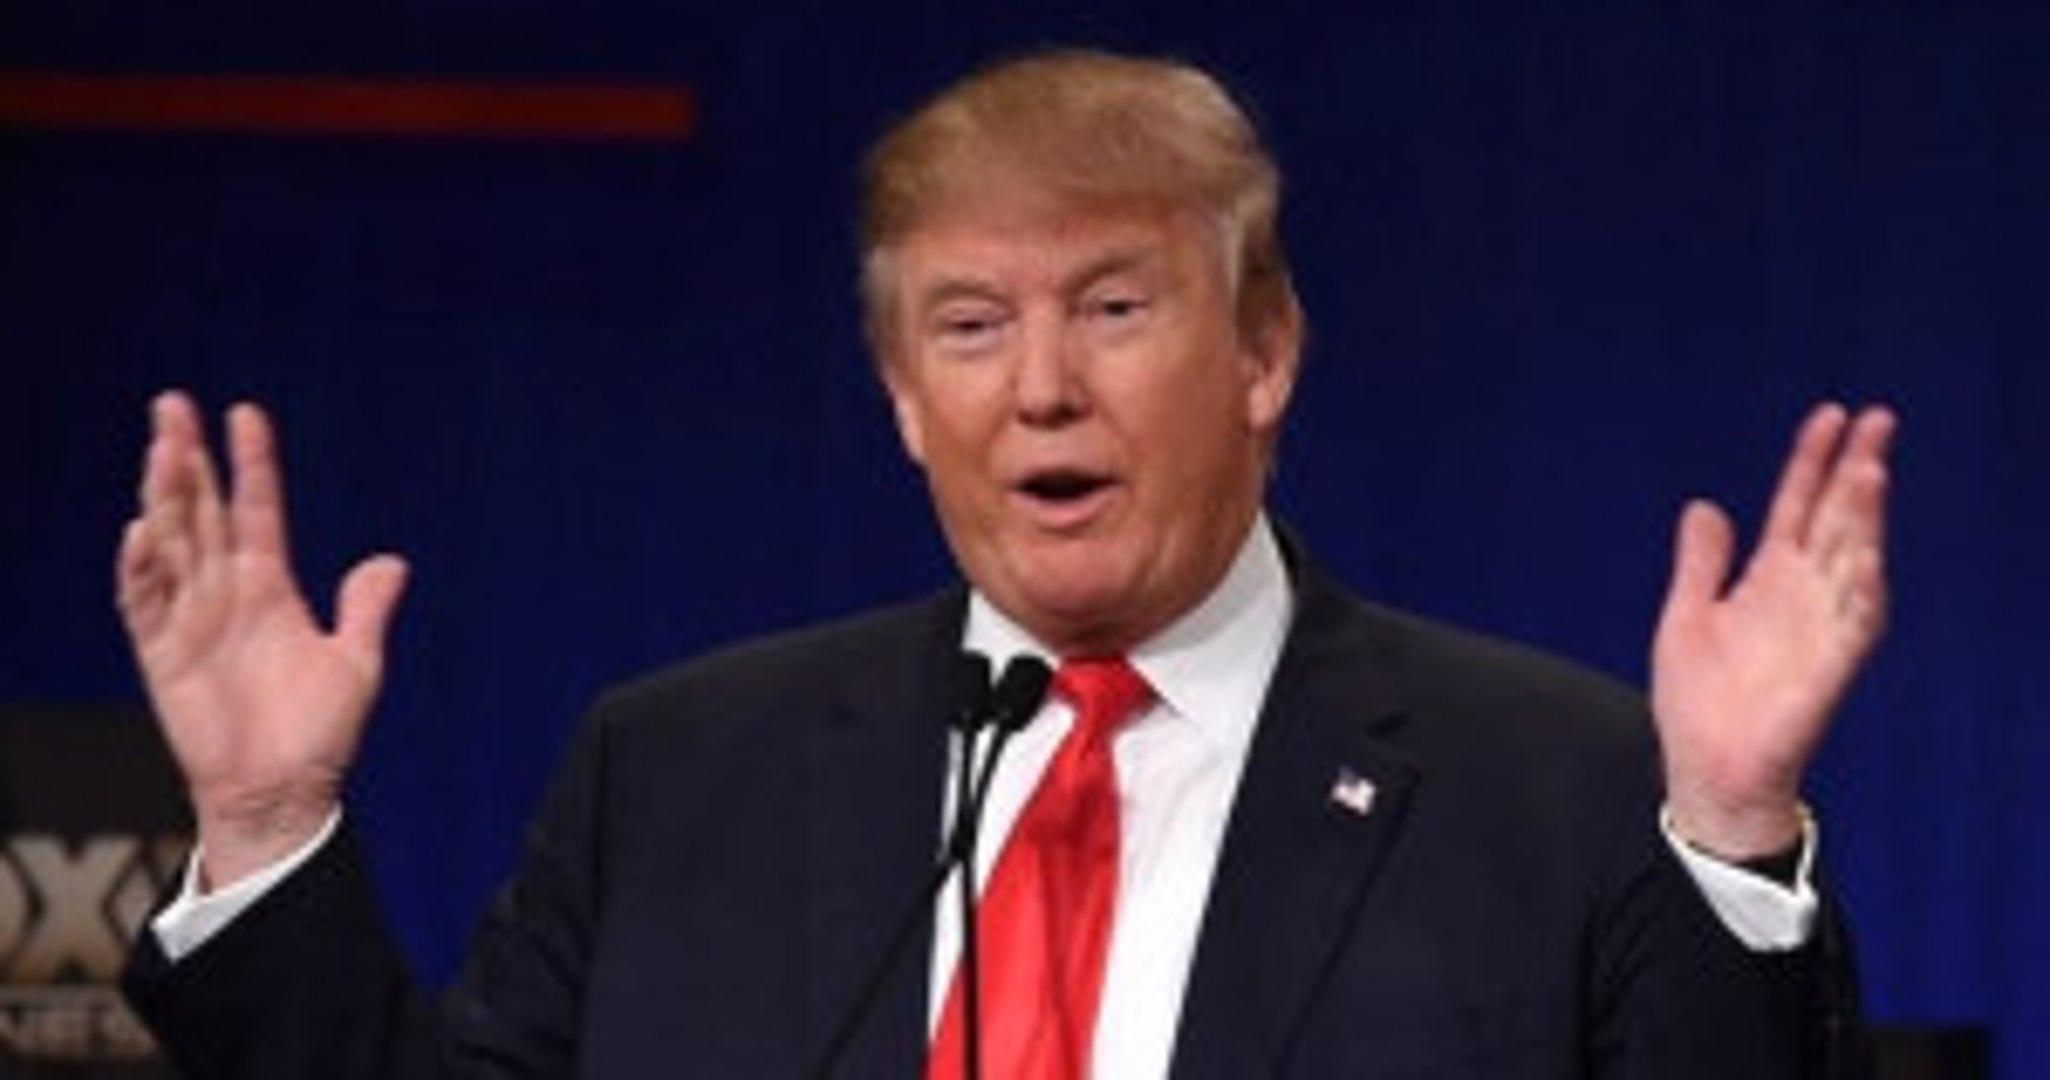 ABD Başkanı Trump, 1915 Oayları İçin 'Soykırım' Demedi, Büyük Felaket Dedi